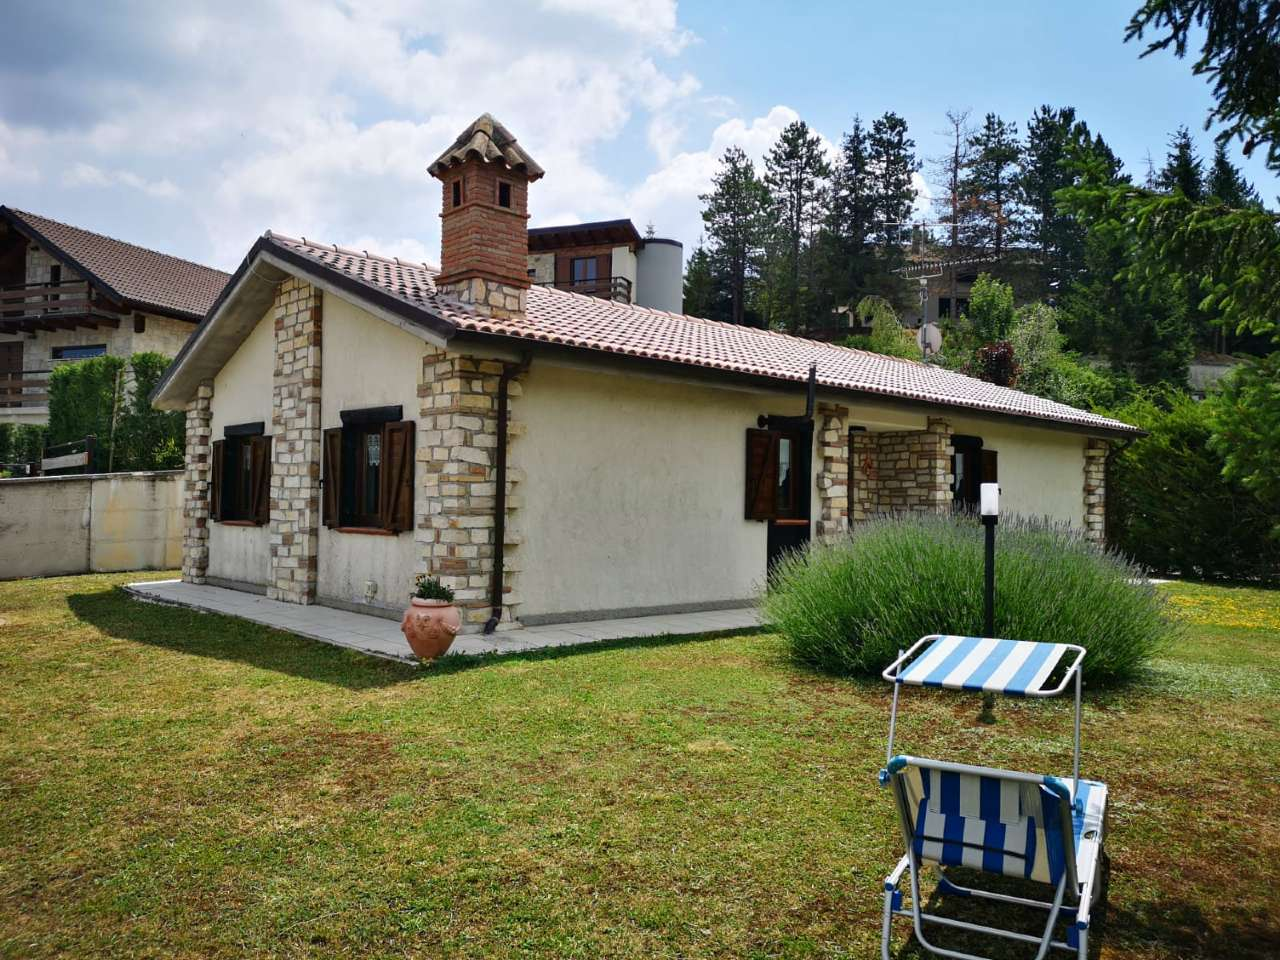 Villa in vendita a Ovindoli, 3 locali, prezzo € 300.000 | CambioCasa.it